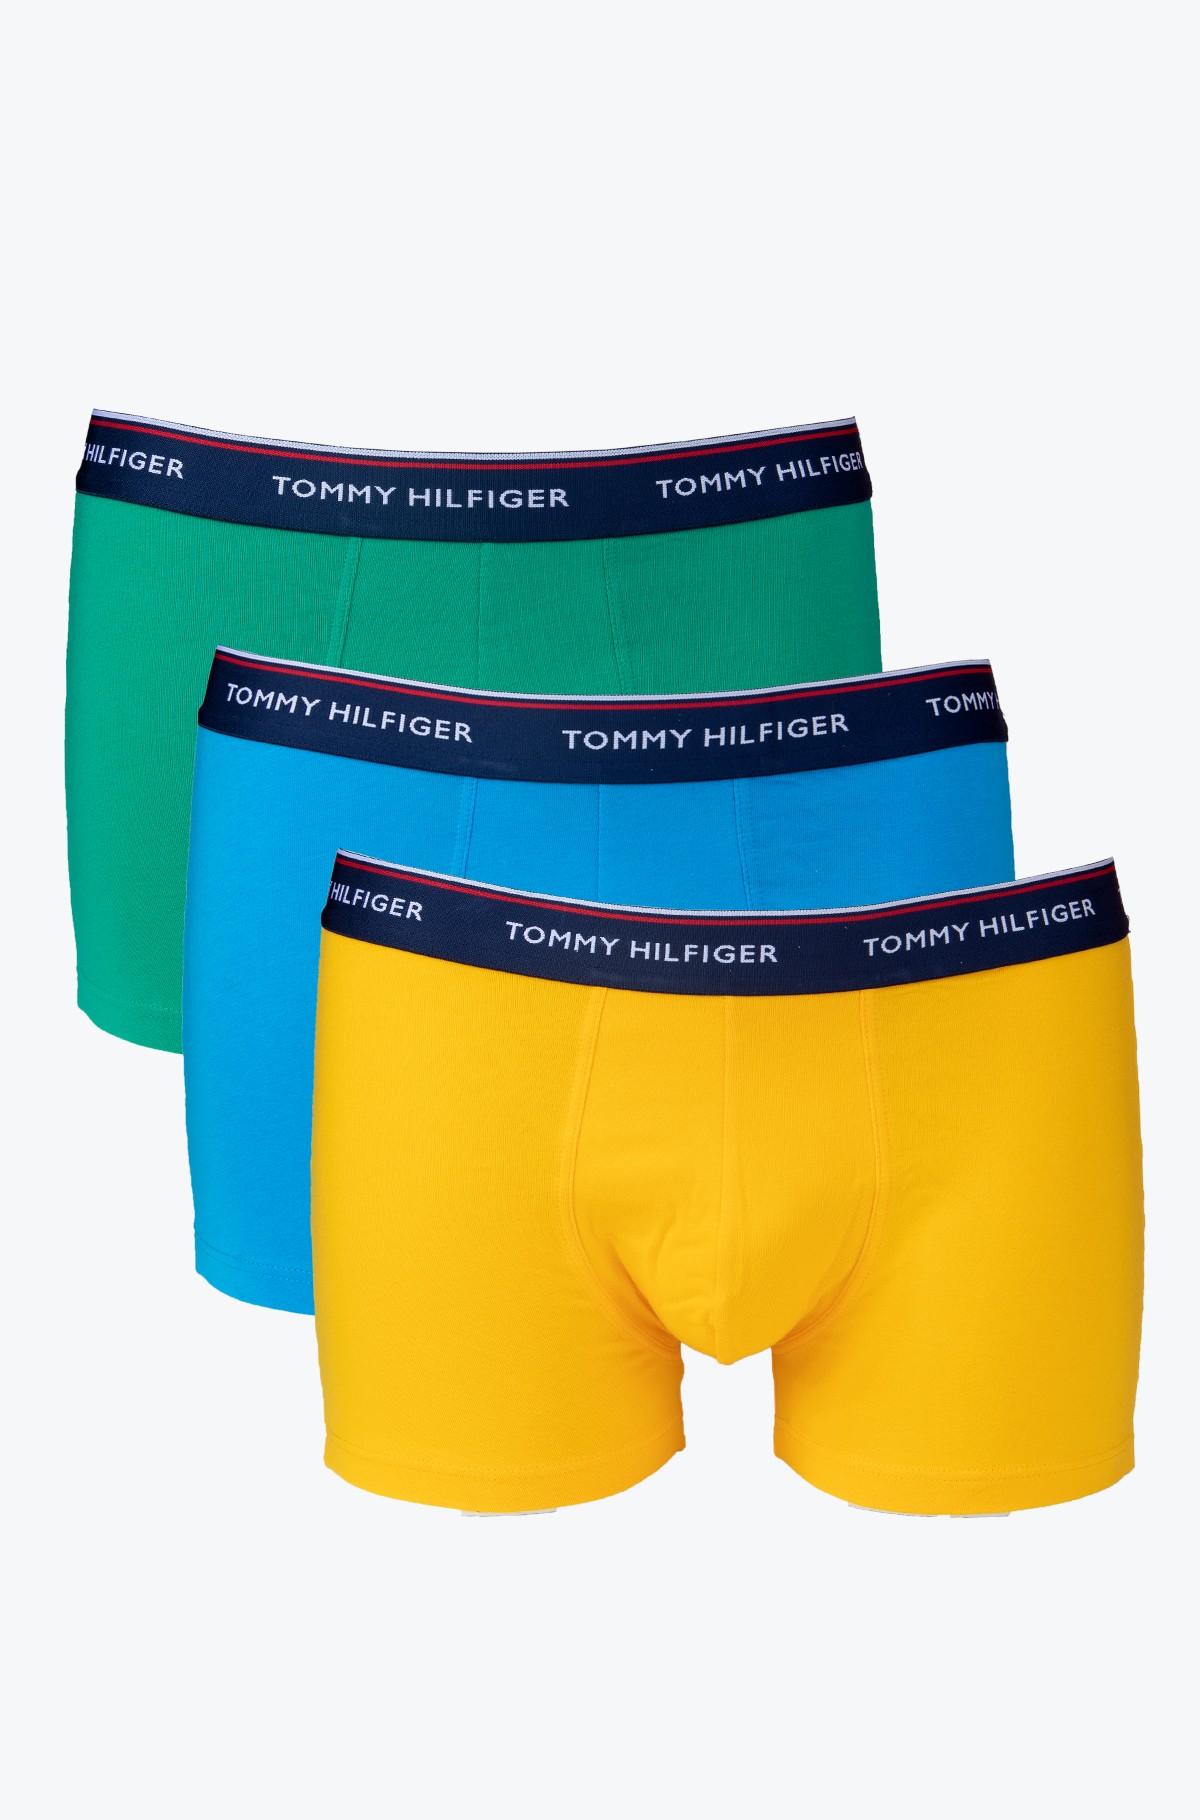 Three pairs of boxers 1U87903842-full-1